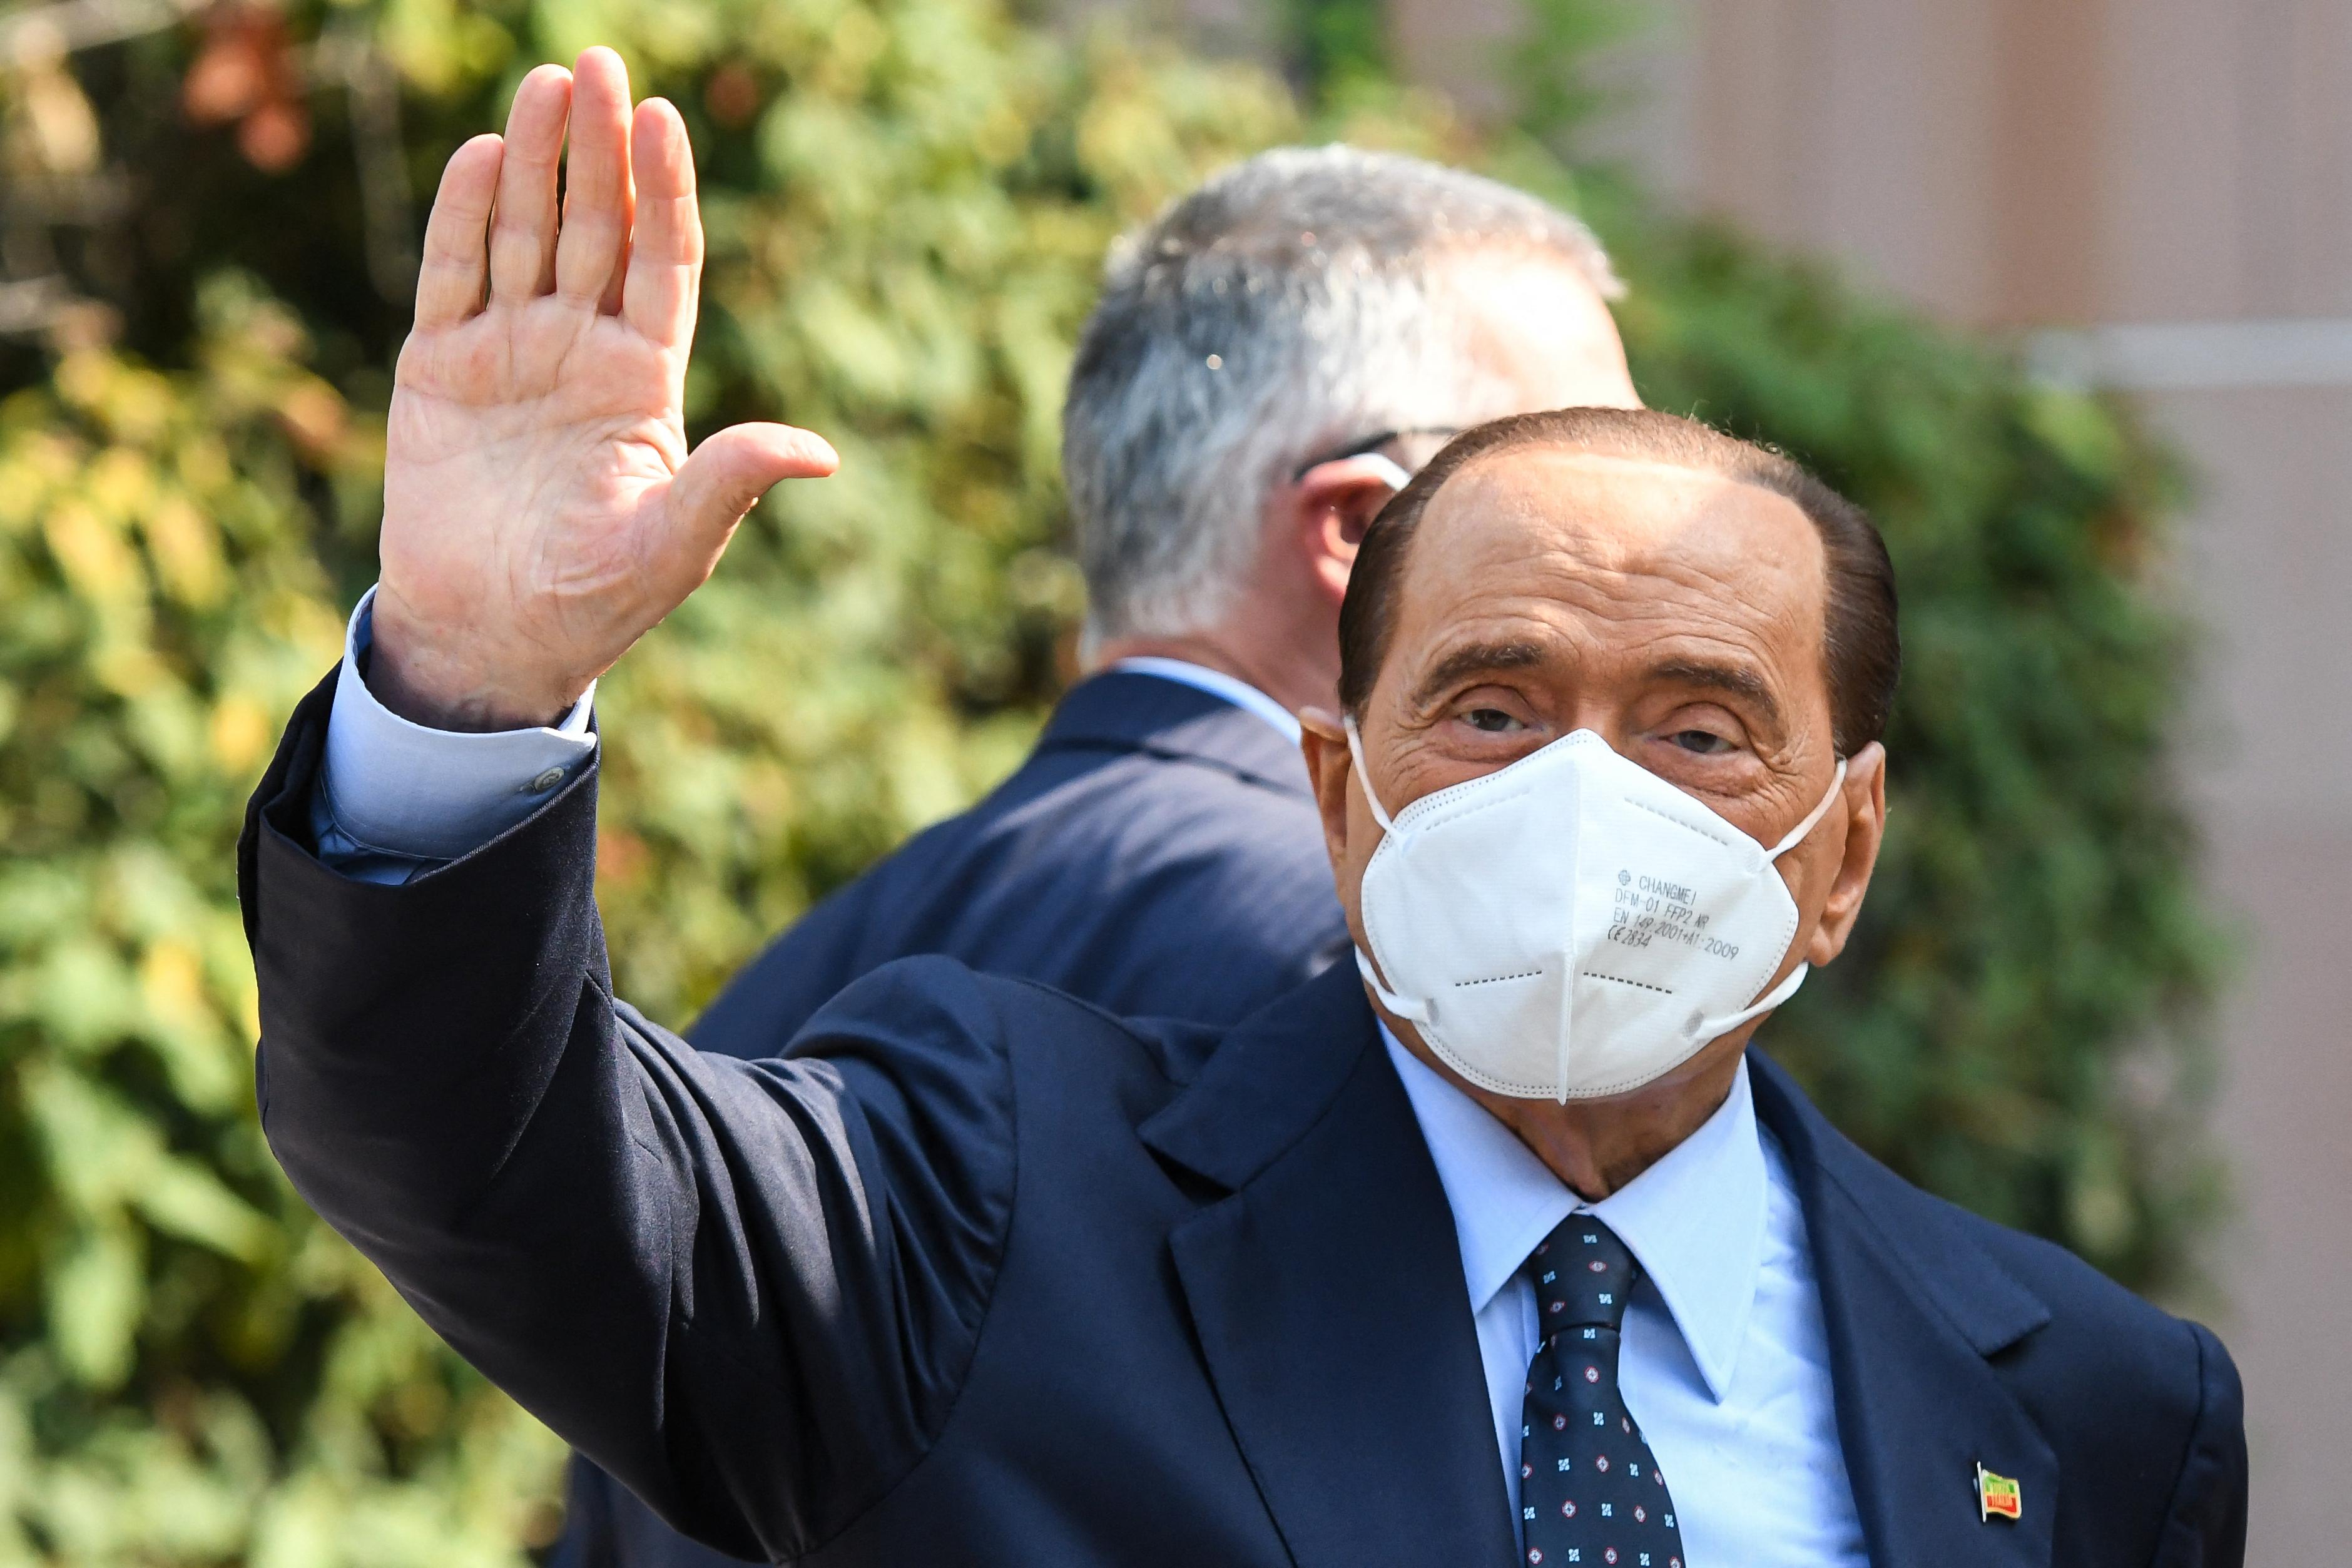 Három hét után engedték haza Silvio Berlusconit a kórházból